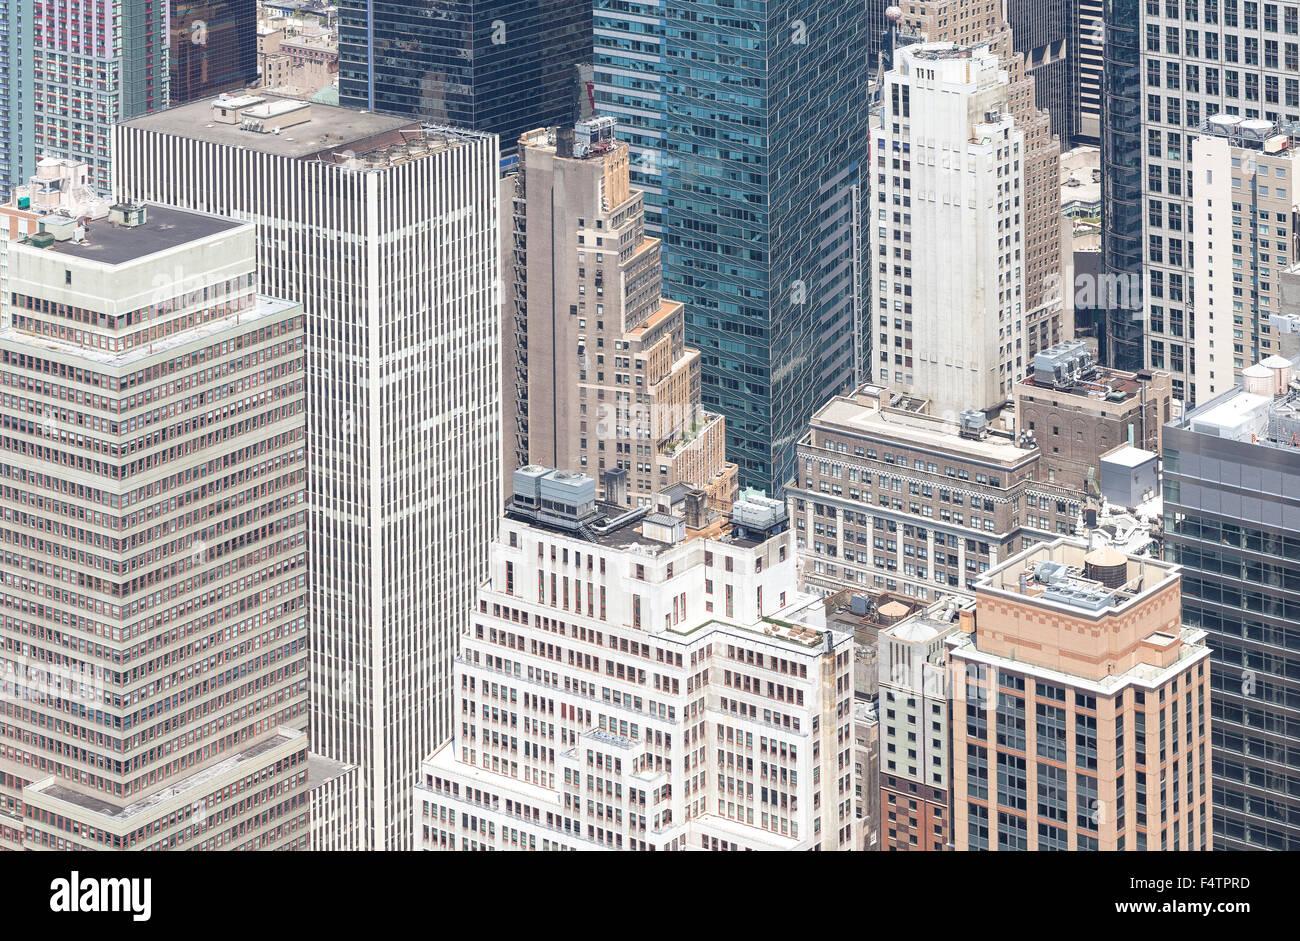 Luftaufnahme von Manhattan, New York City, USA. Stockbild